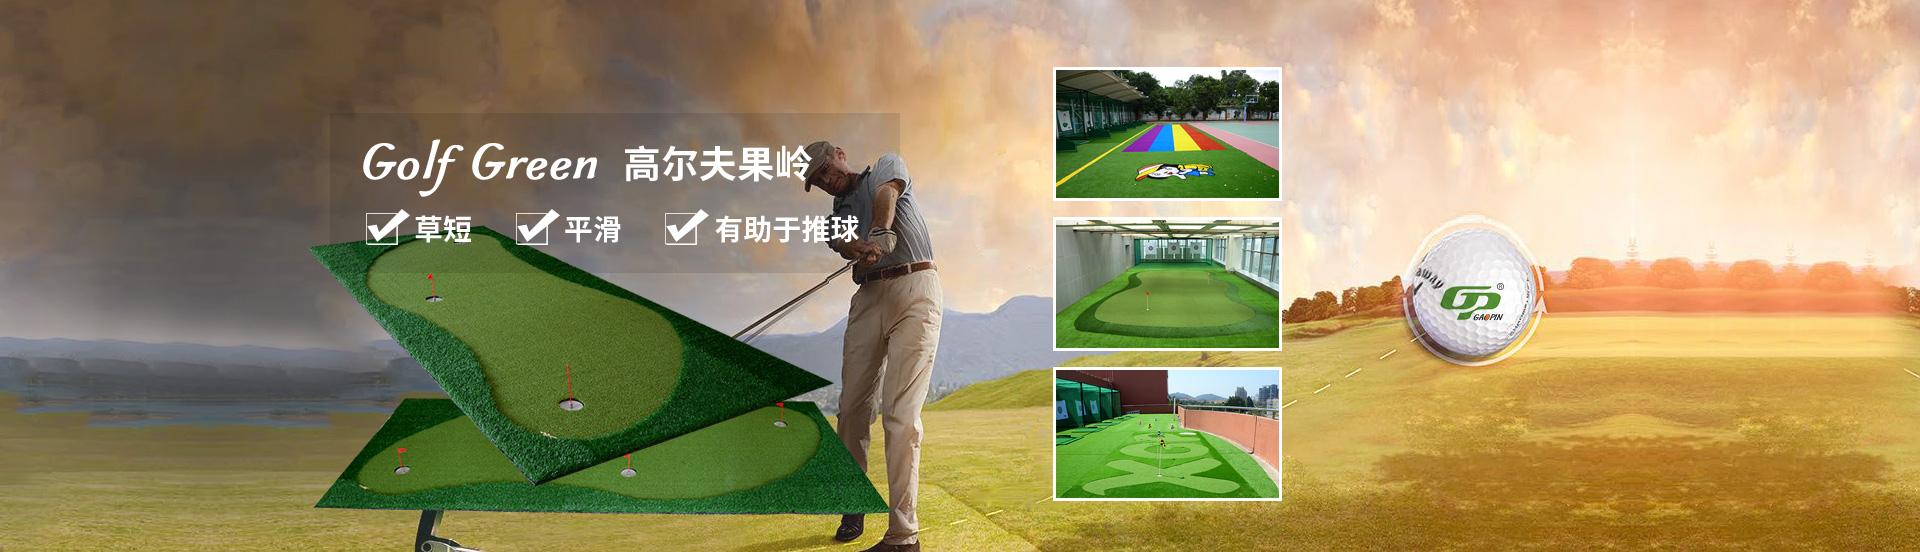 高尔夫球包